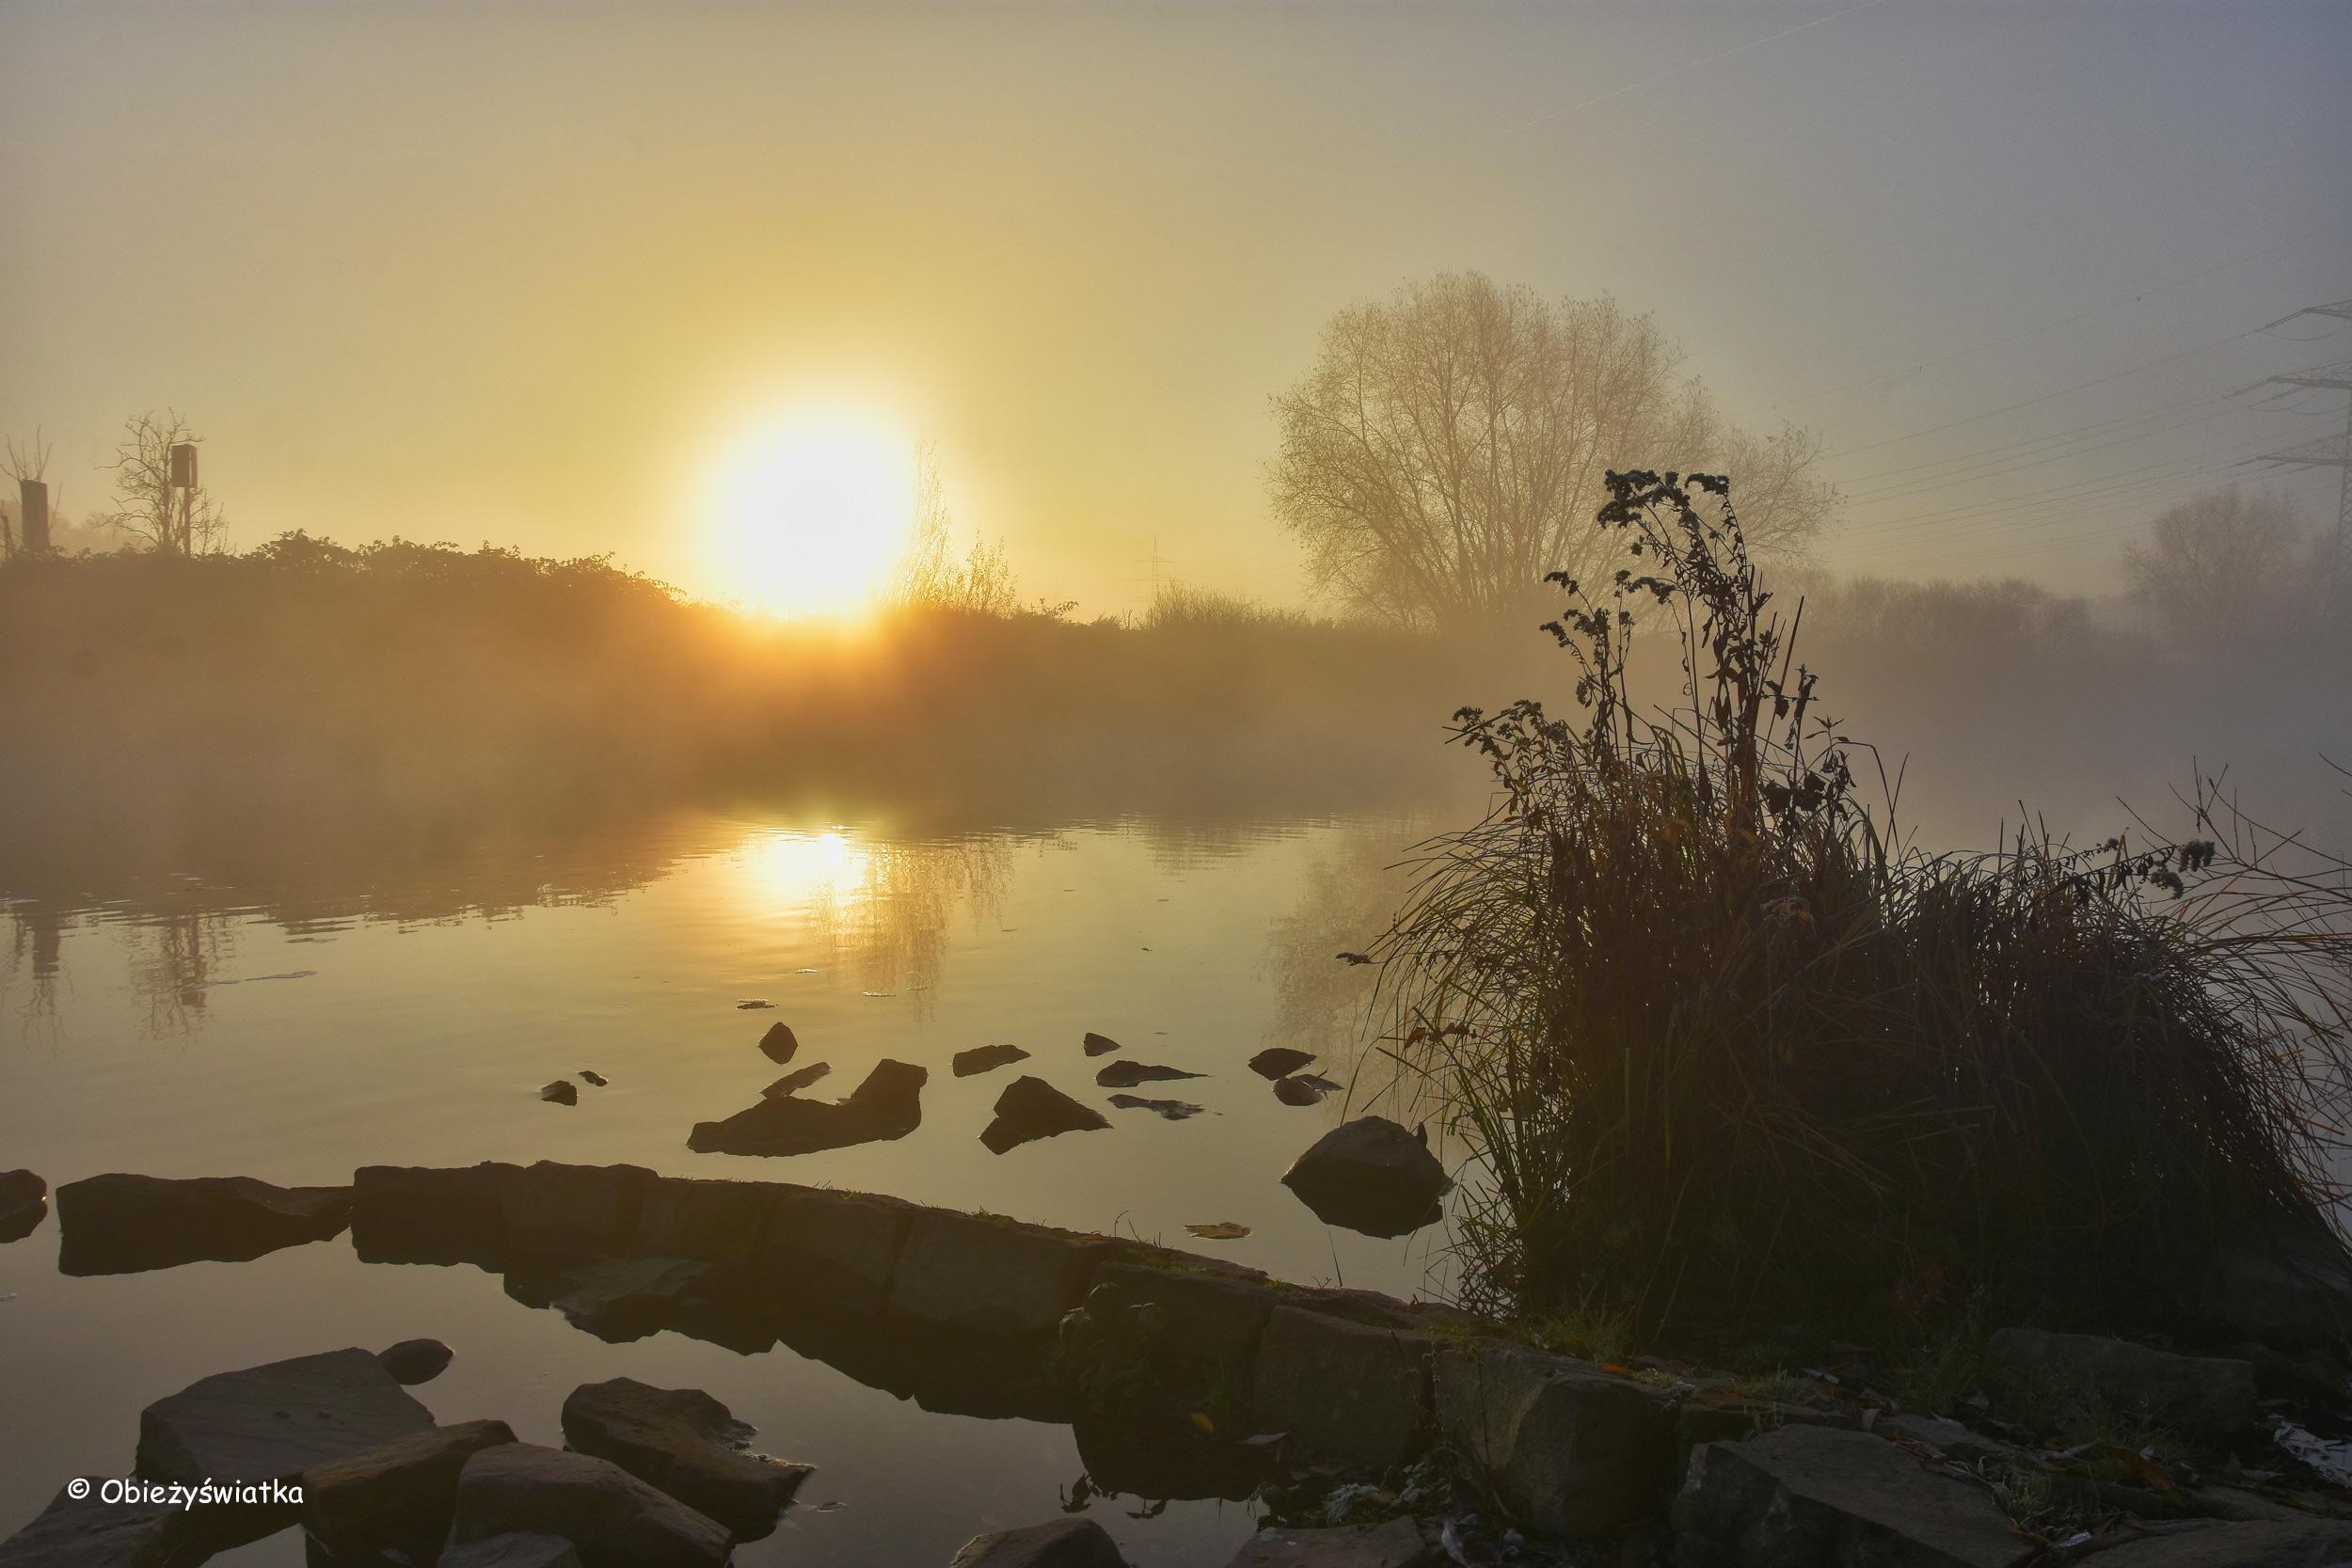 Rzeka Ruhr i piękny wschód słońca w listopadzie